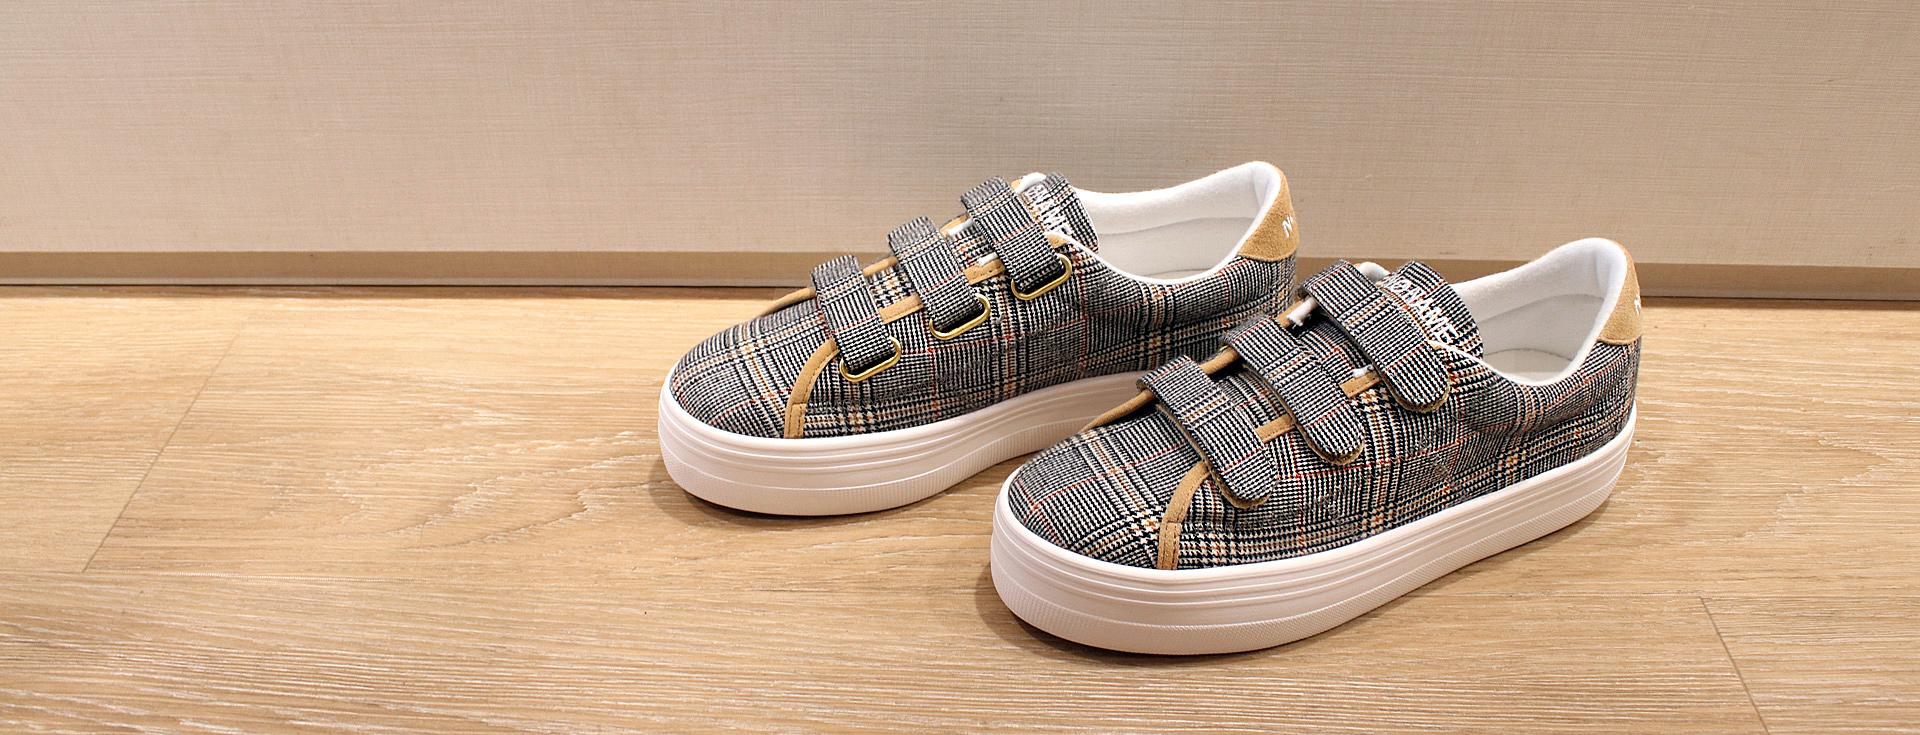 pas mal 1f278 d2ab7 BESSEC chaussures : vente de chaussures femme, homme, enfants